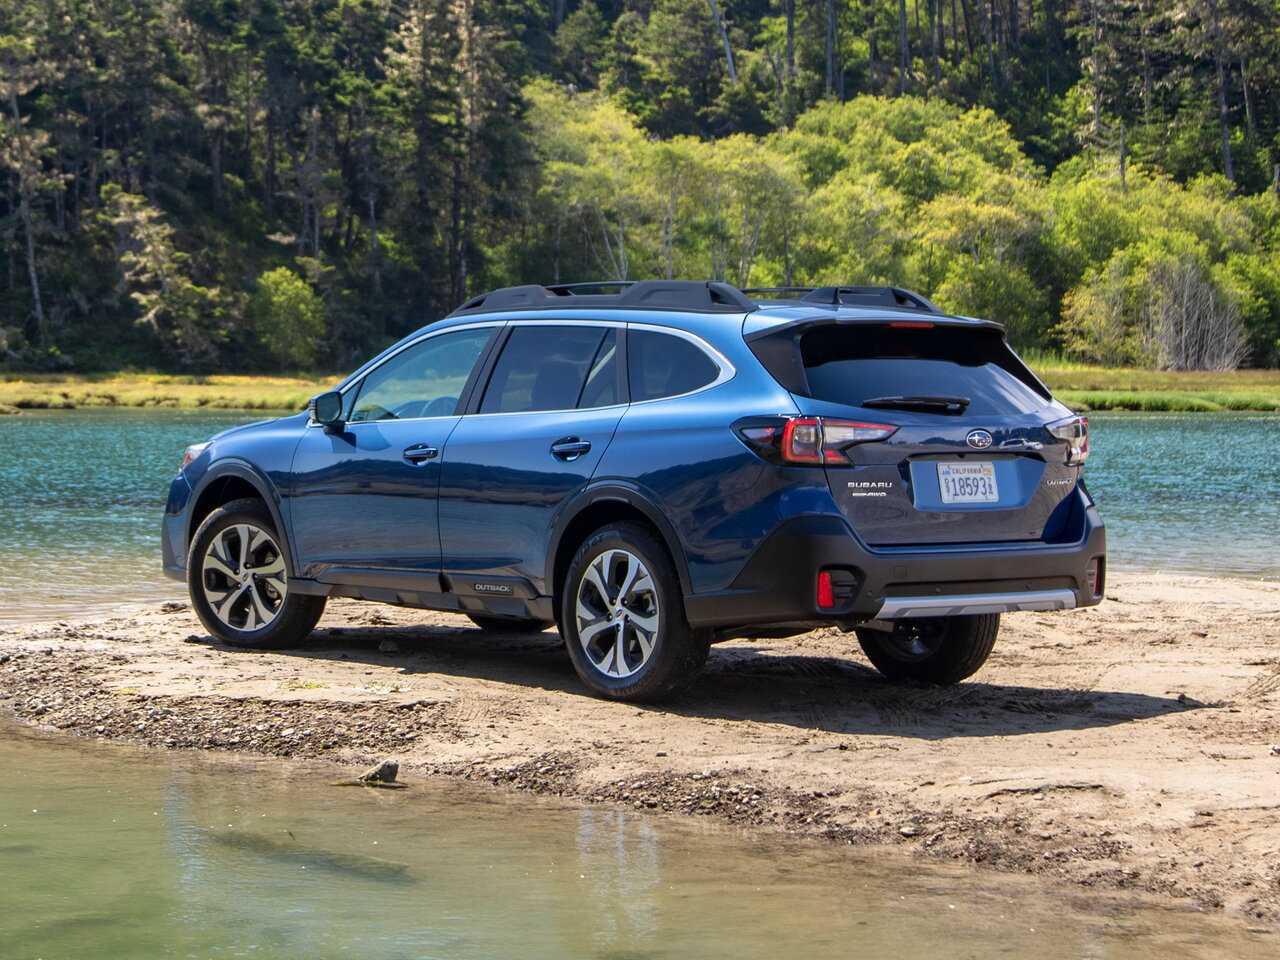 Новый subaru forester против конкурентов: большой тест кроссоверов - все об авто